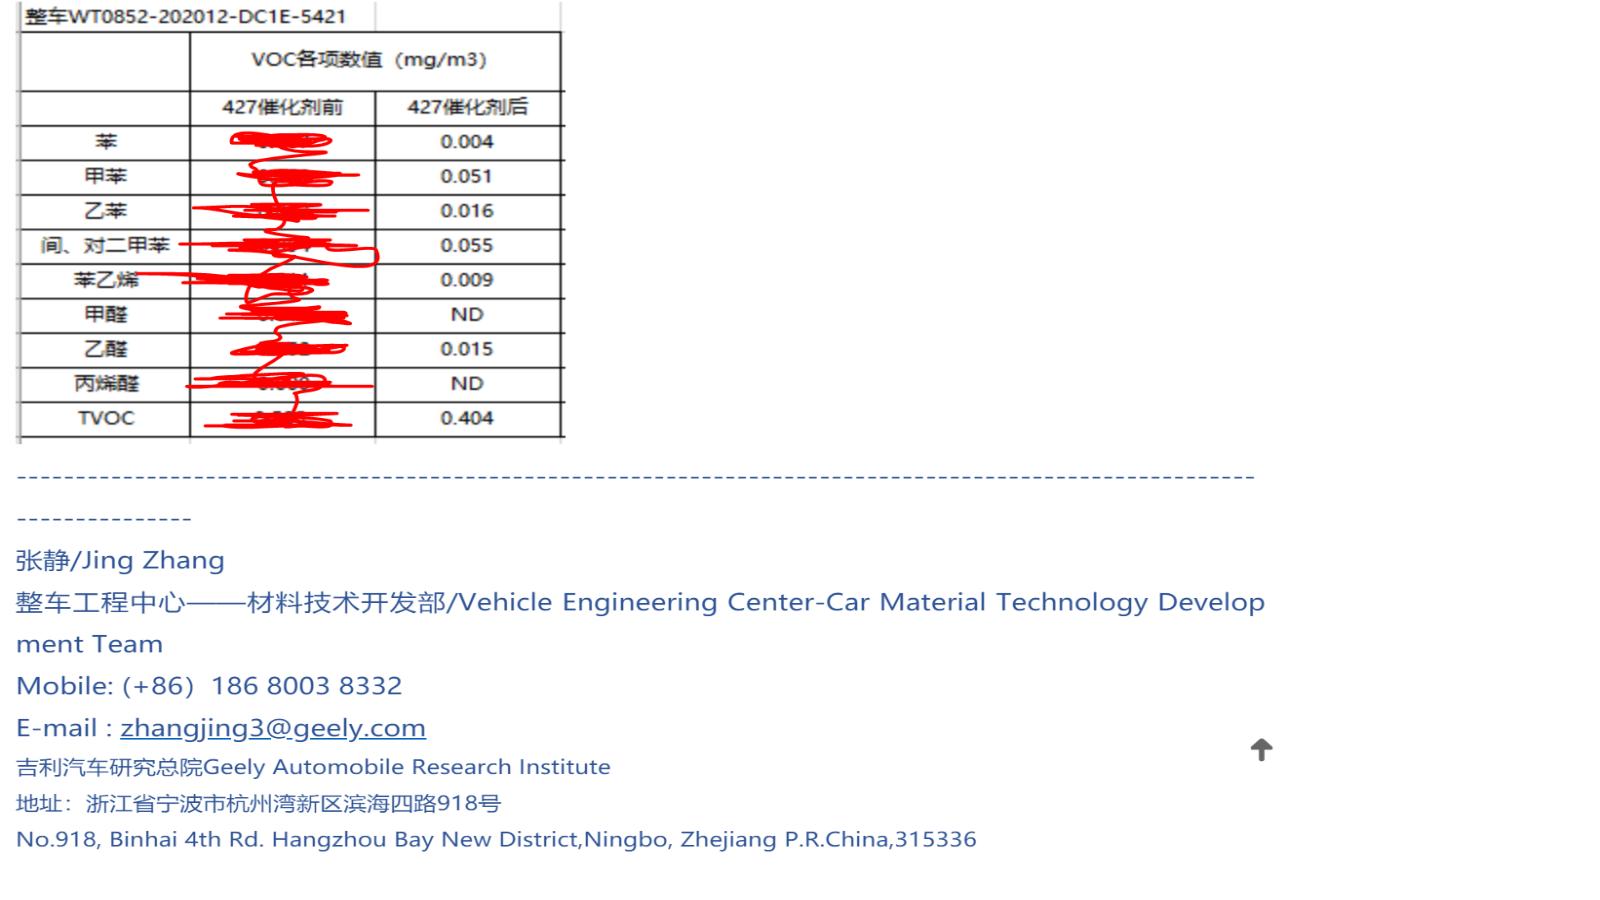 可见光光催化技术在受限密闭环境(车内)中的应用研究